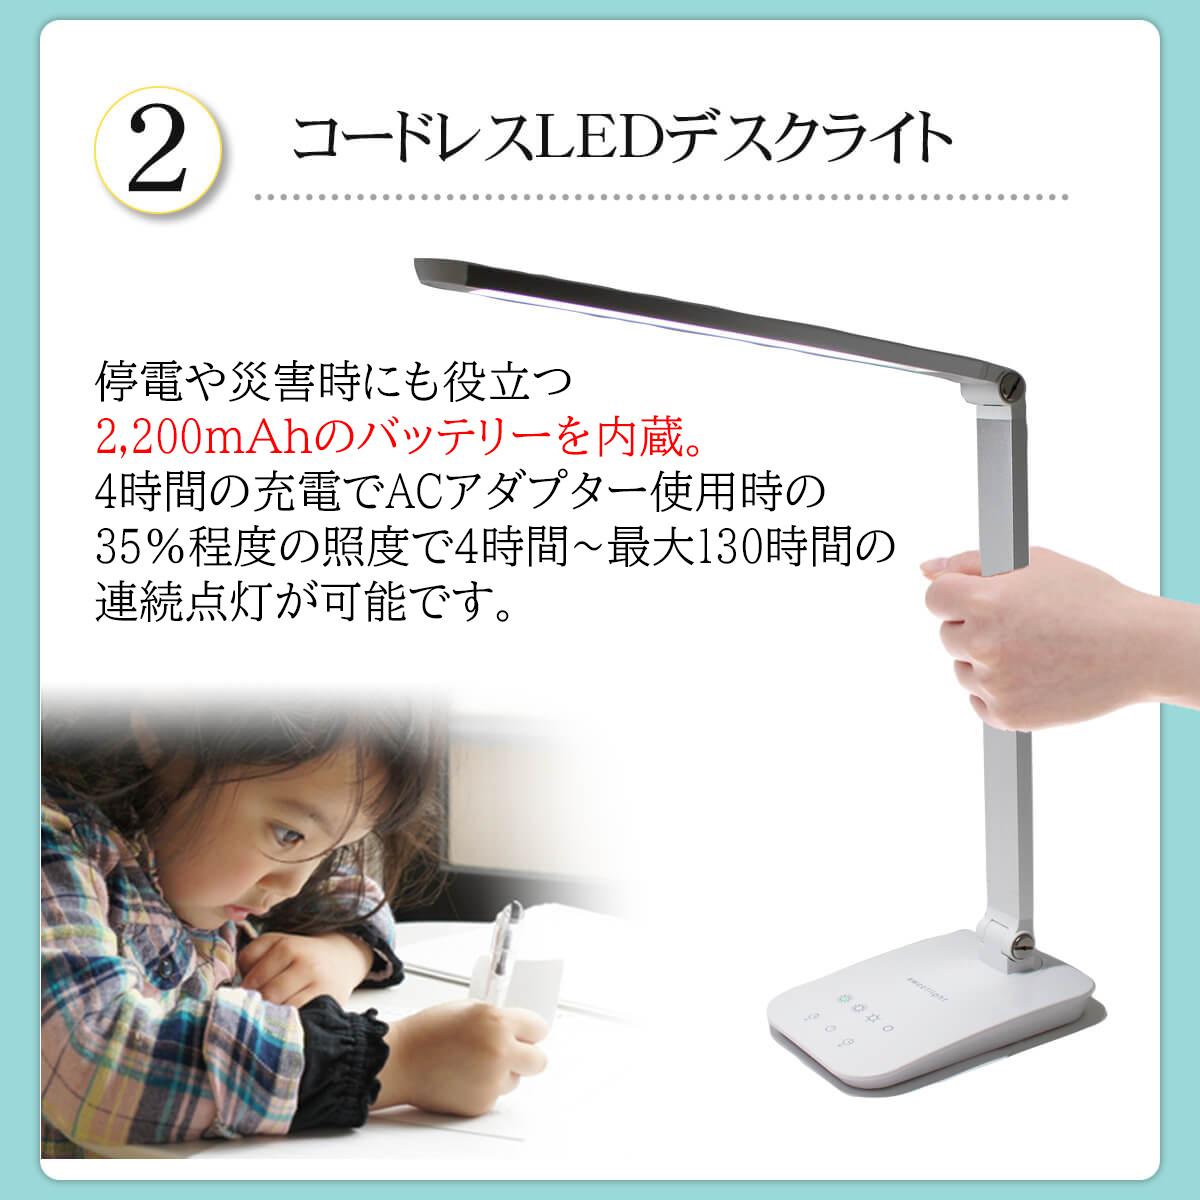 テレワーク コードレス LEDデスクライト スイートライト ポータブル� 充電式 LEDデスクスタンド 目にやさしい 在宅勤務 1人暮らし 必要なもの